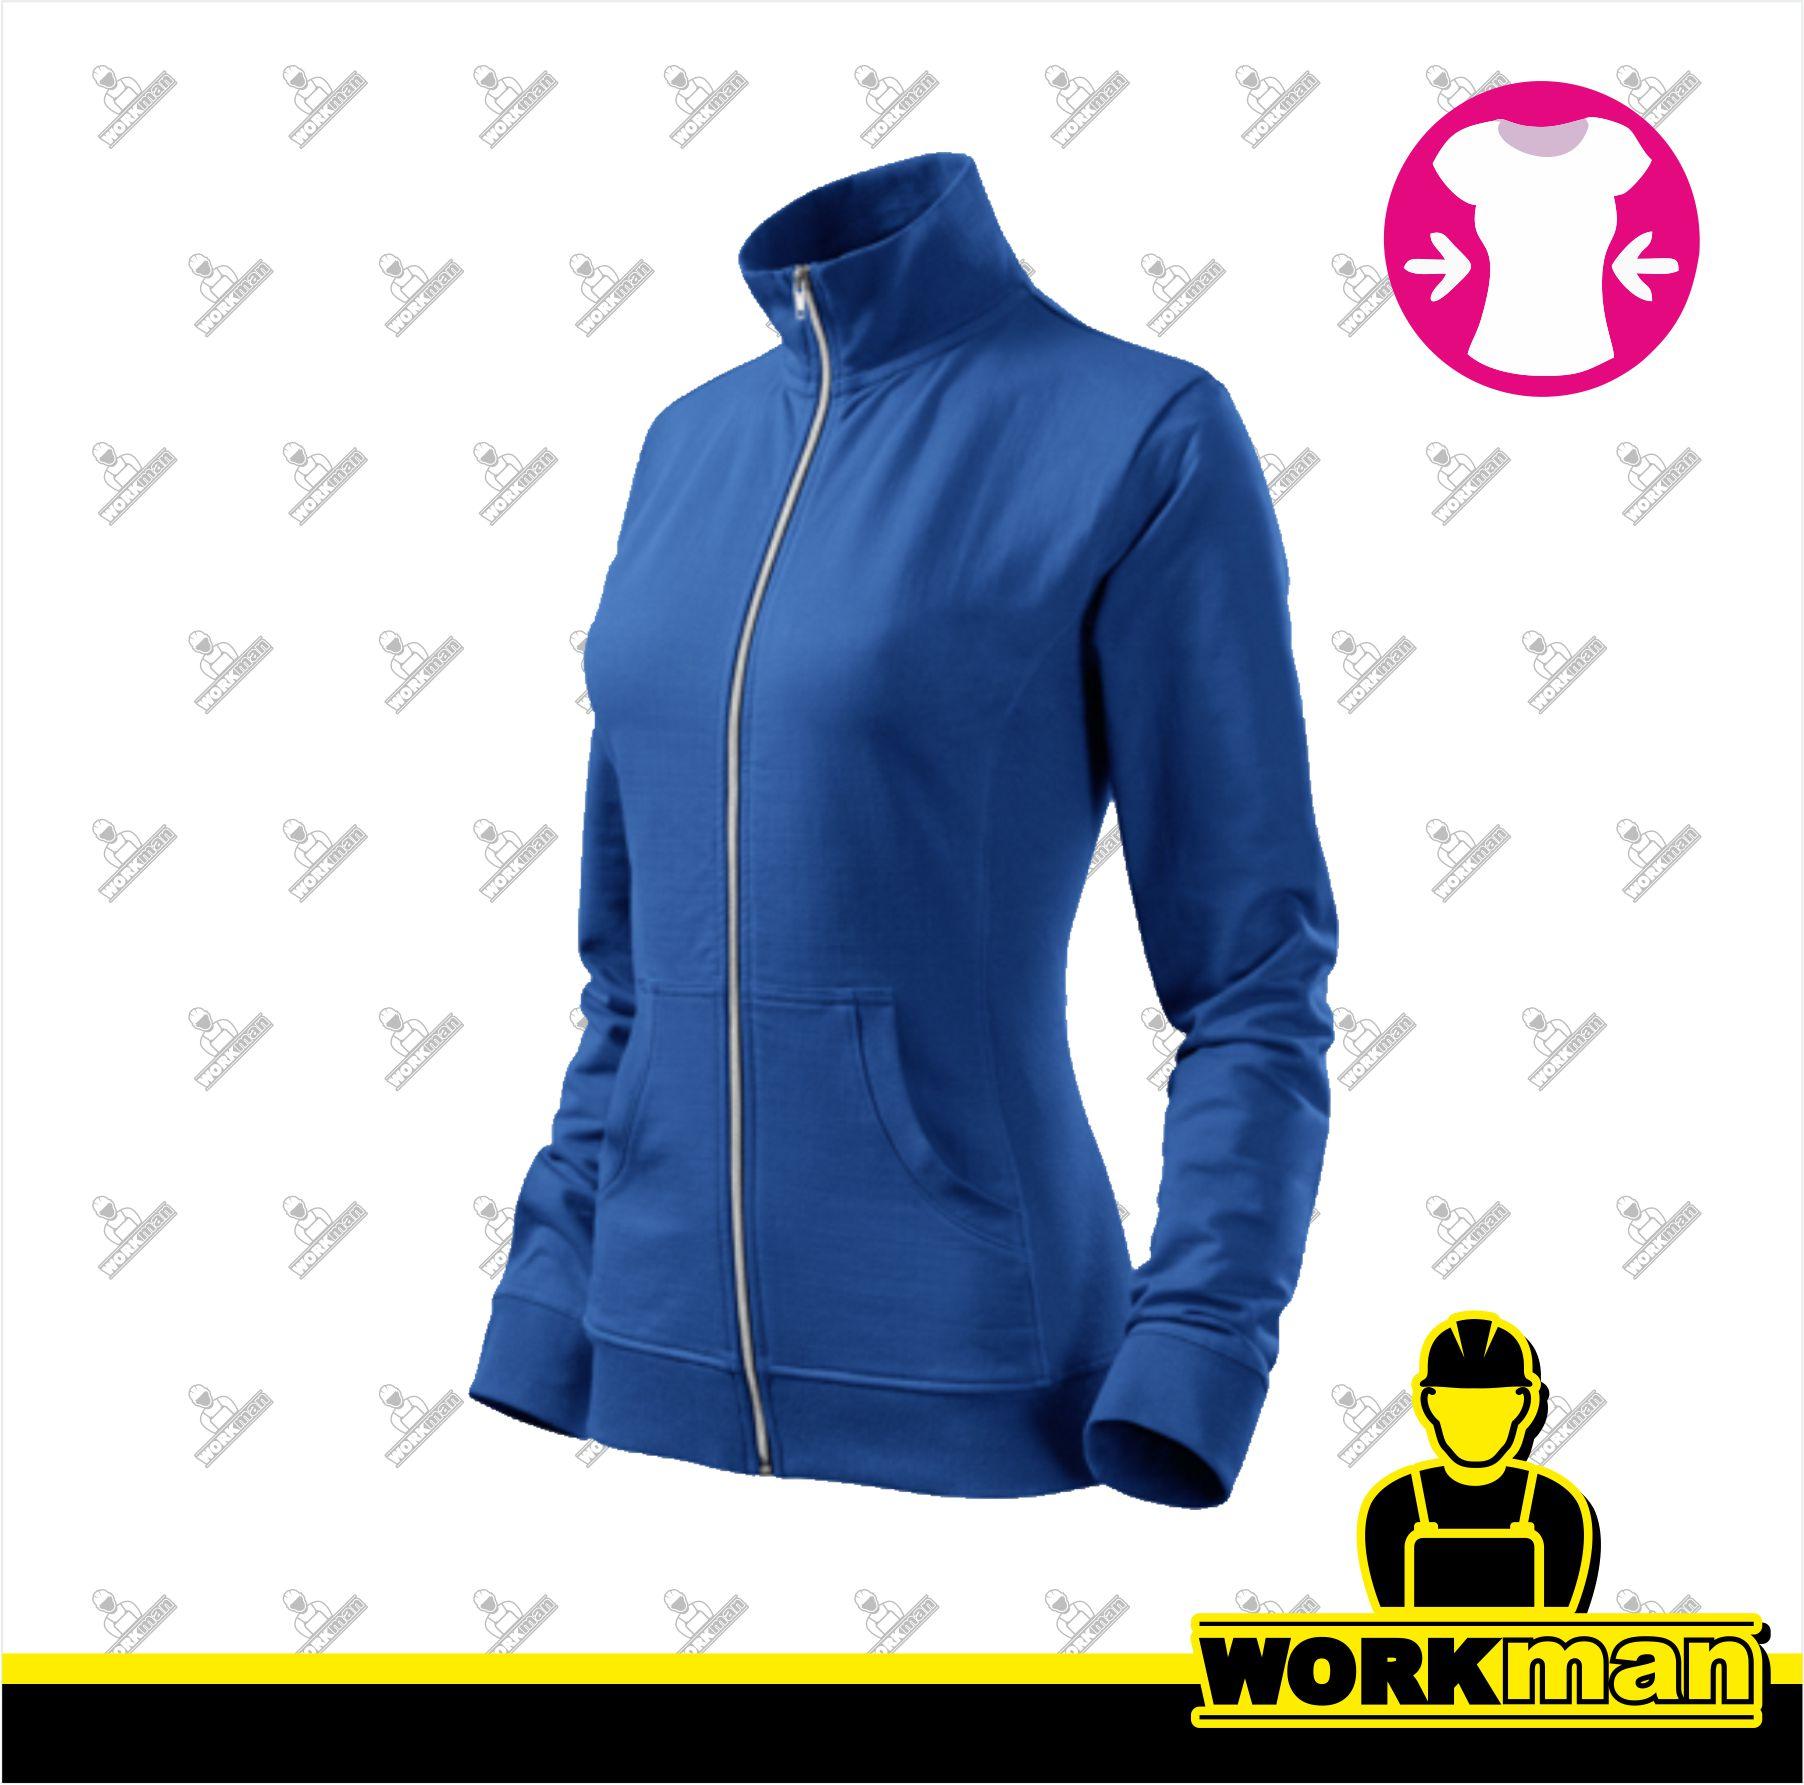 f9682a16e4d Mikina dámska VIVA Adler francúzska modrá Pracovné odevy Workman